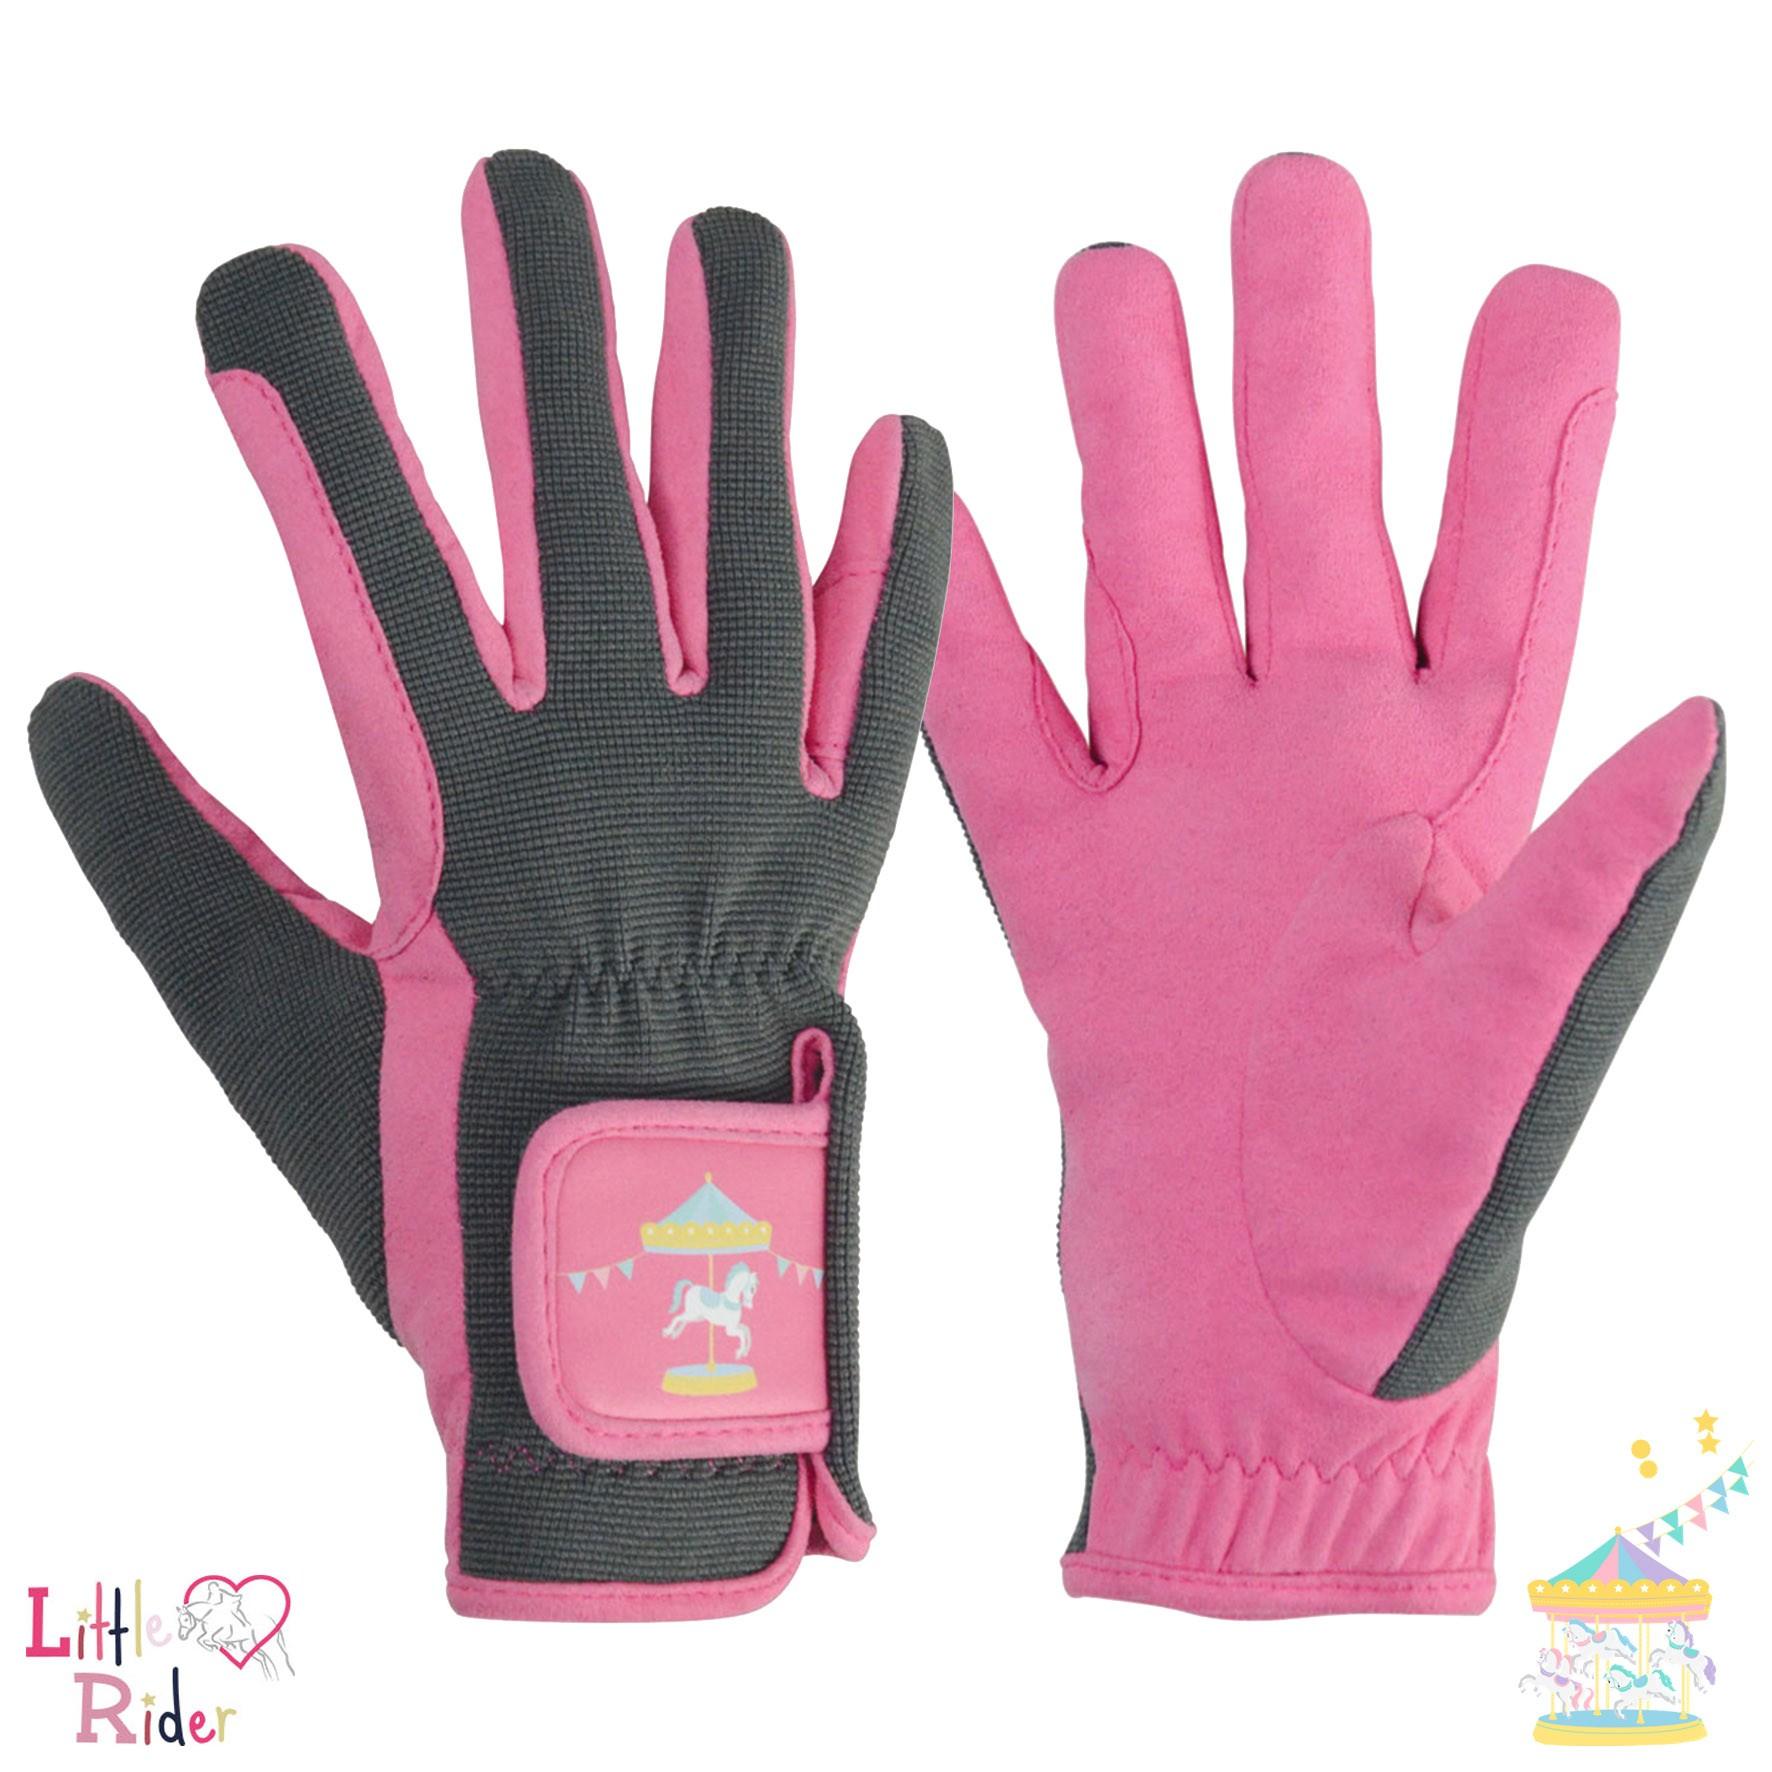 Merry Go Round Children's Riding Gloves by Little Rider